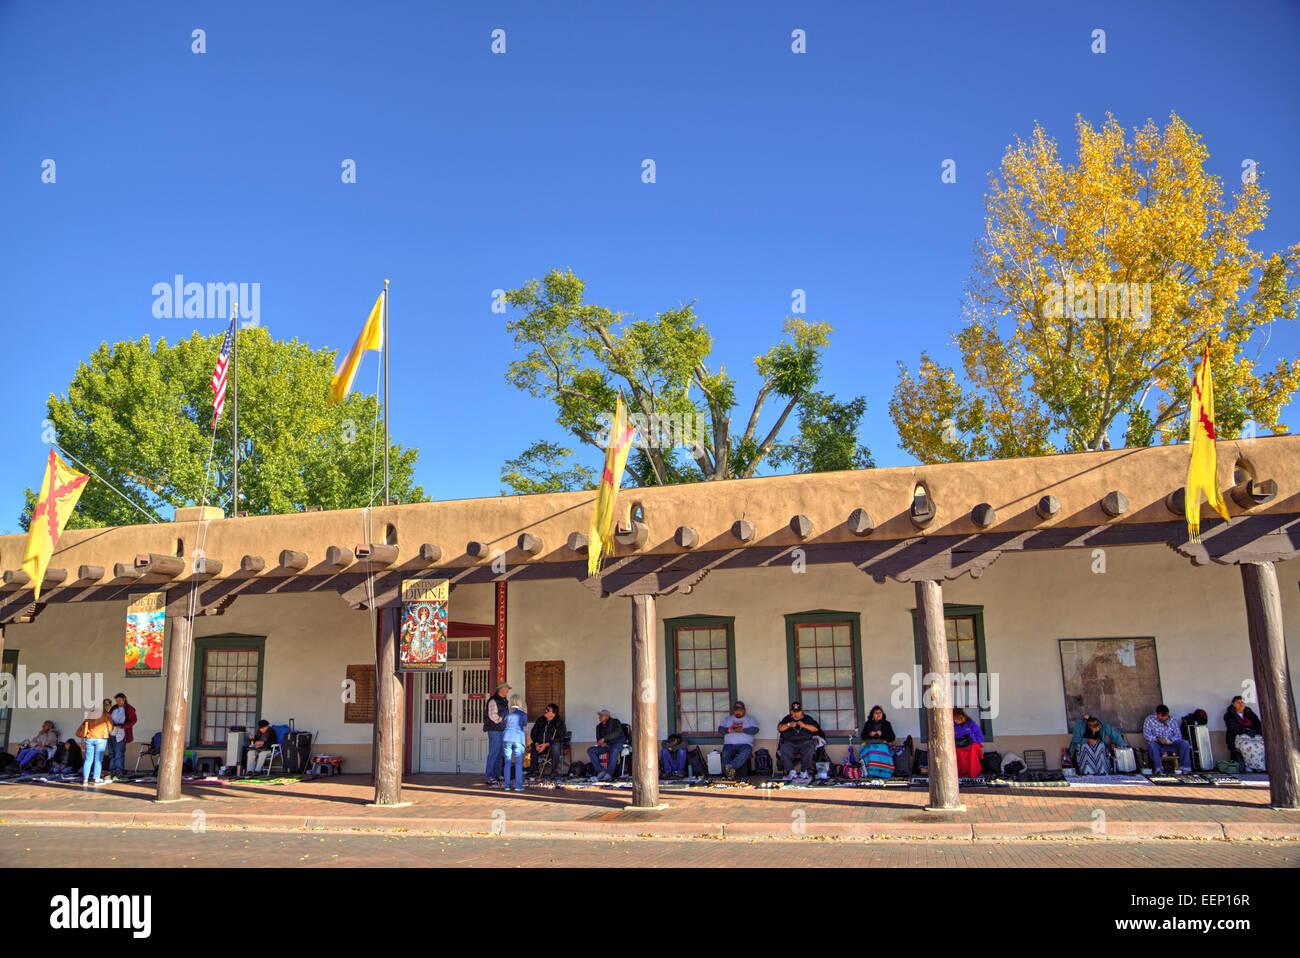 Indian Market, Governor's Palace (built 1610), Plaza of Santa Fe, Santa Fe, New Mexico, USA - Stock Image